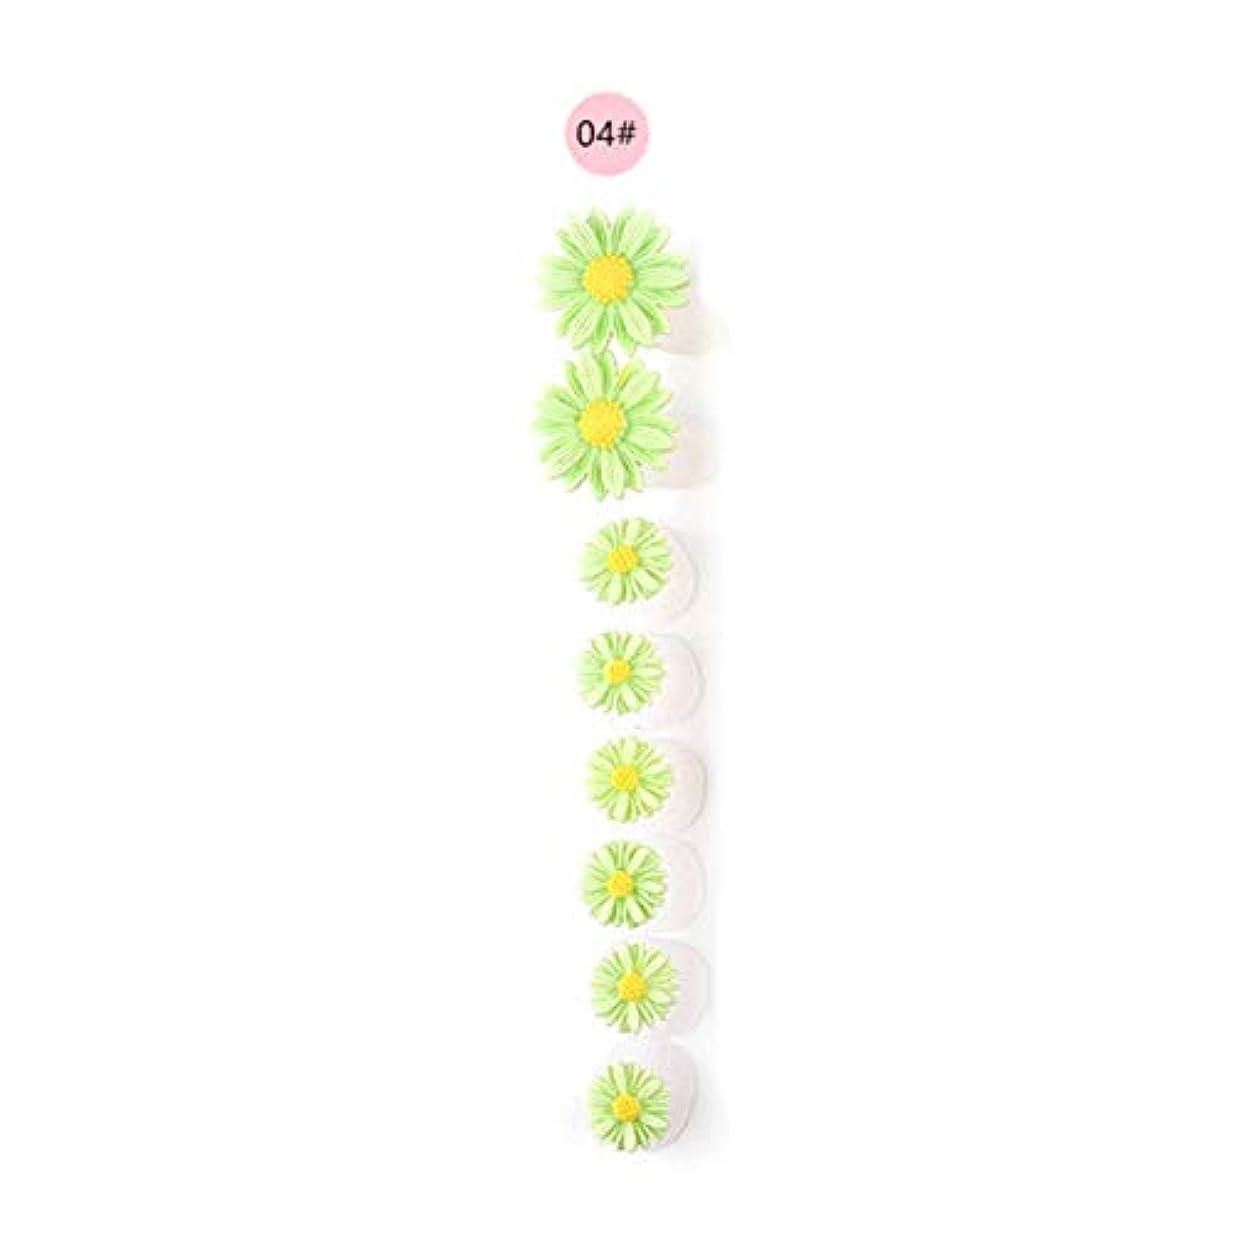 海上特定の手入れ8ピース/セットシリコンつま先セパレーター足つま先スペーサー花形ペディキュアDIYネイルアートツール-カラフル04#